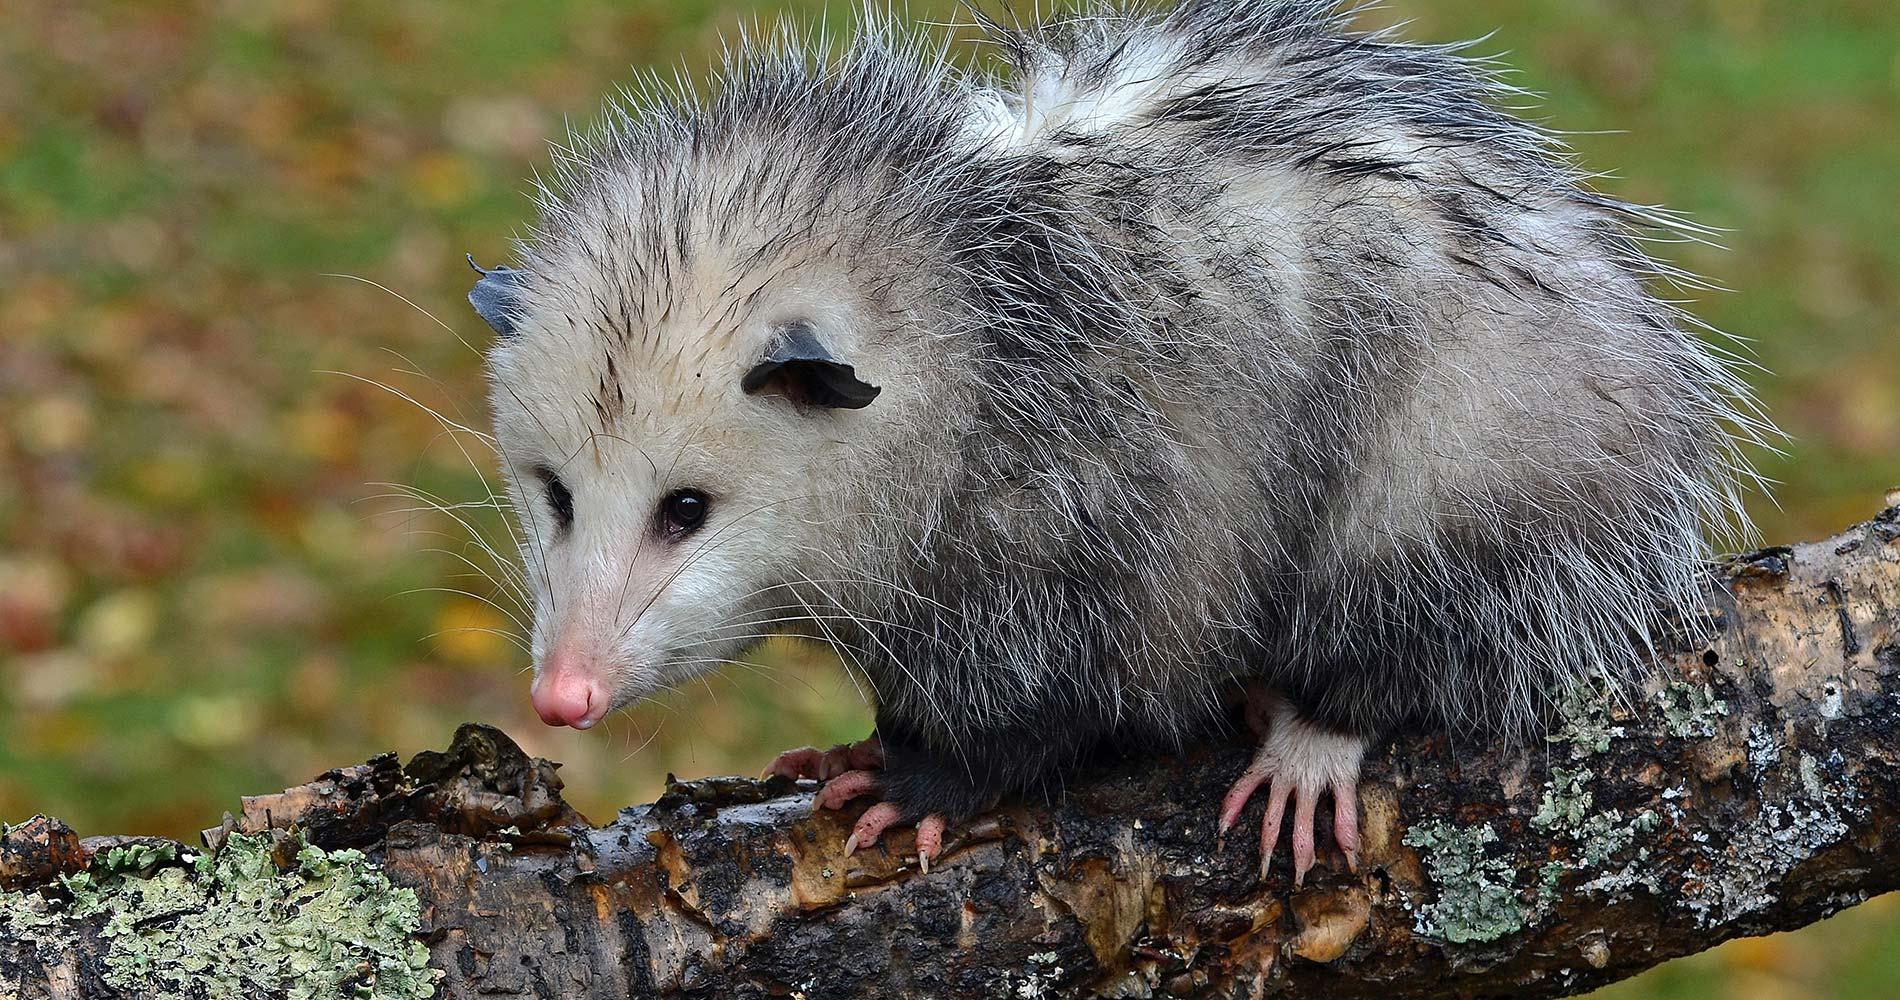 A cute opossum